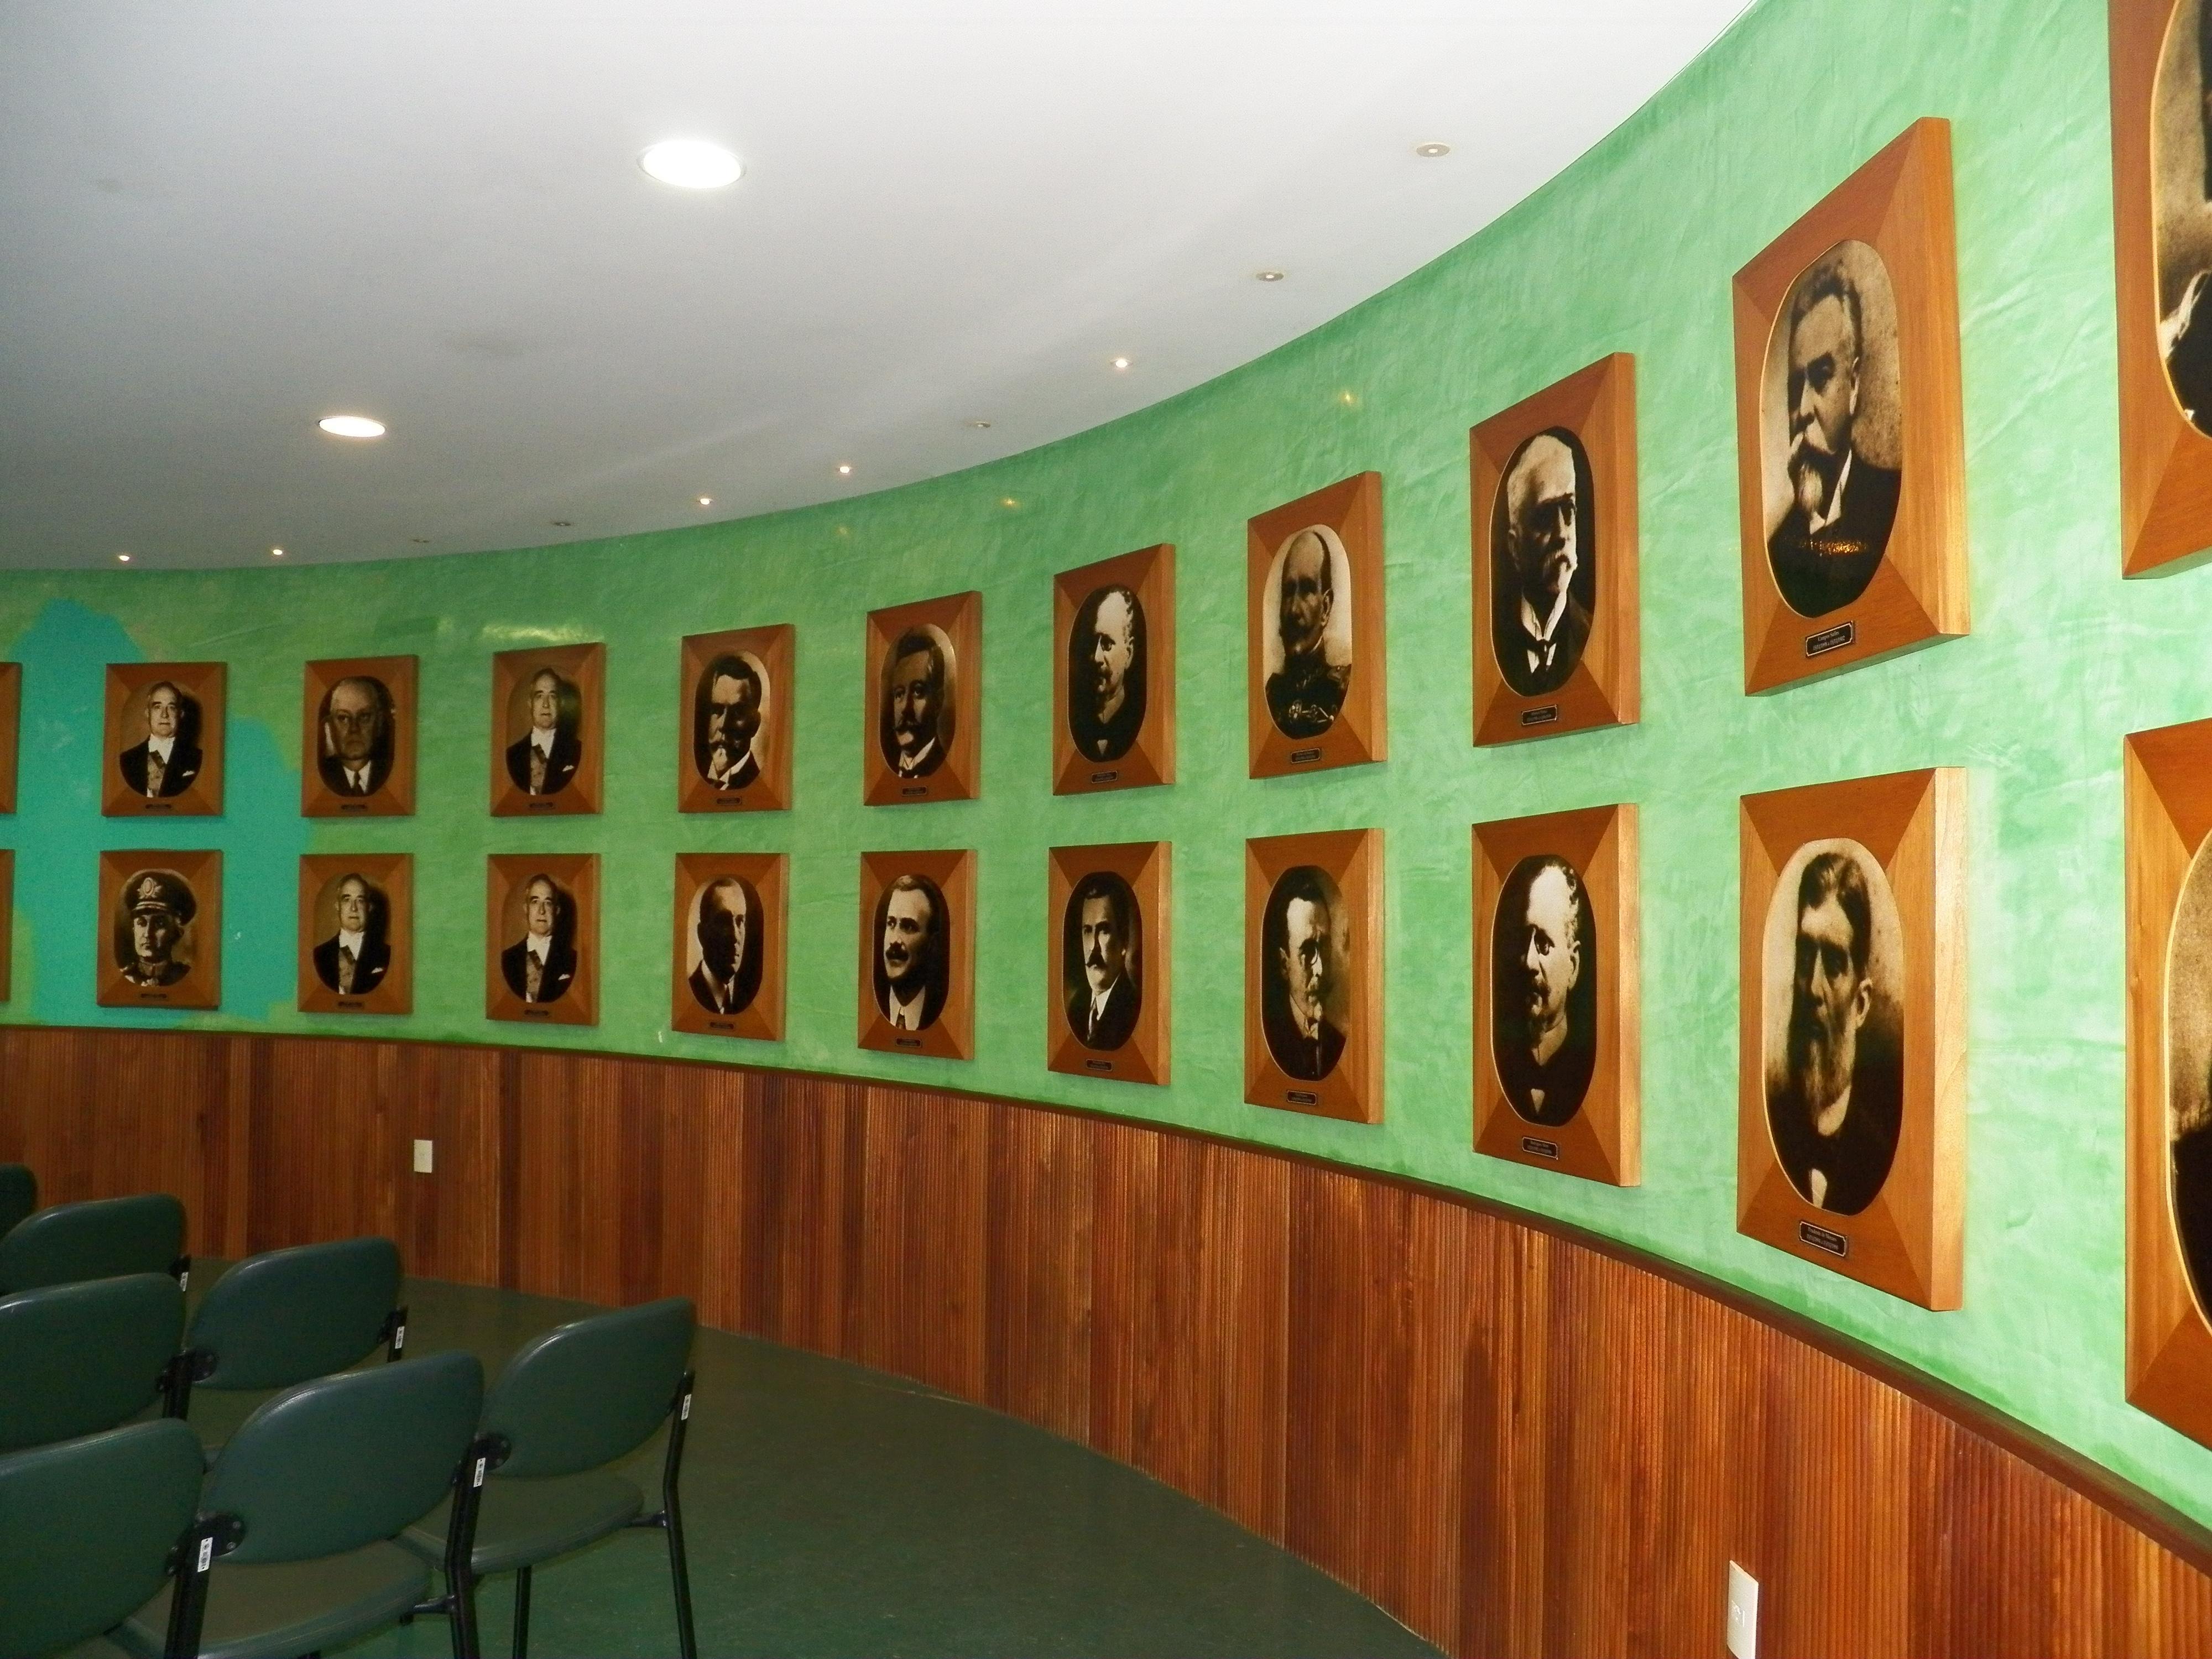 Imagens dos presidentes no Memorial da República, no bairro de Jaraguá em Maceió Alagoas